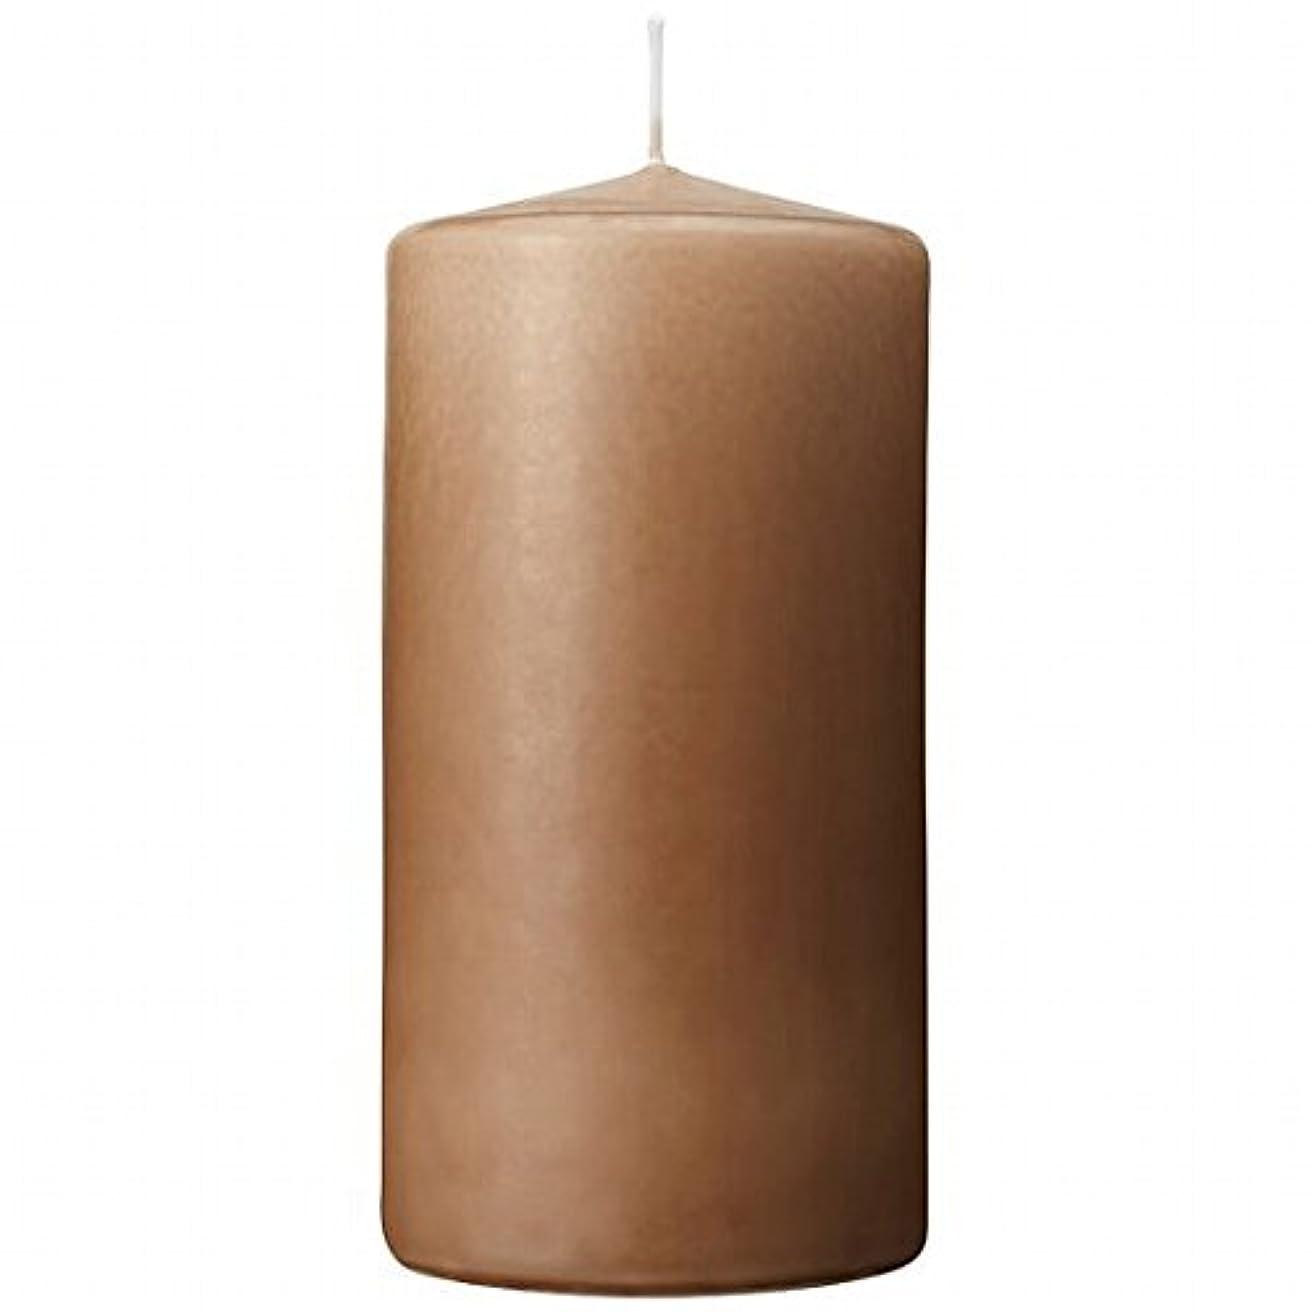 中断学部化学カメヤマキャンドル(kameyama candle) 3×6ベルトップピラーキャンドル 「 モカ 」